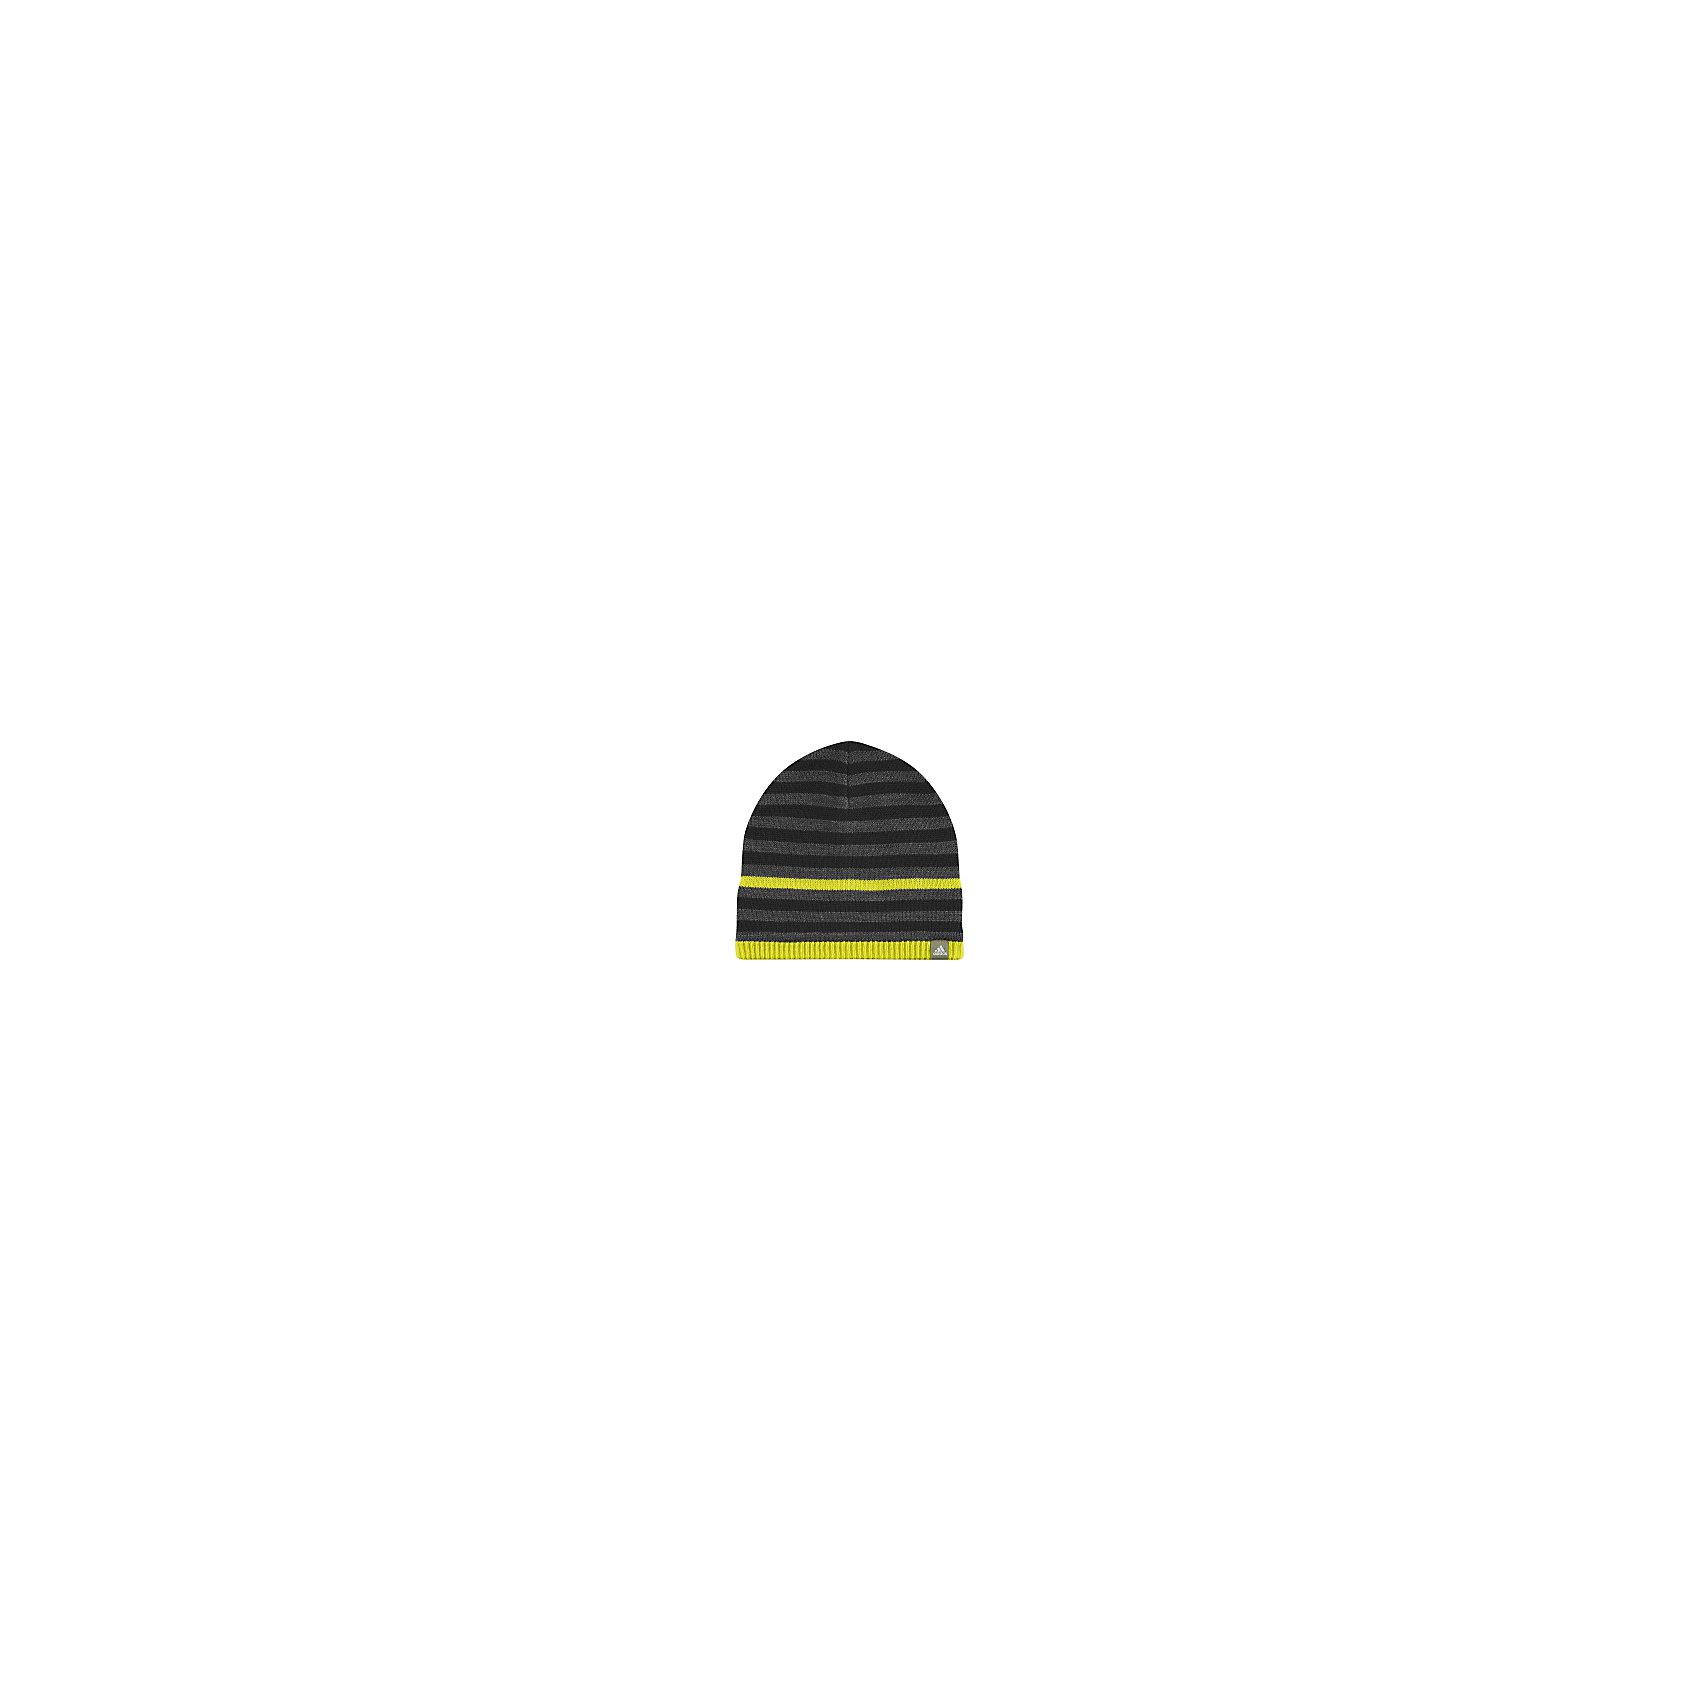 Шапка adidasГоловные уборы<br>Шапка Аdidas (Адидас).<br><br>Характеристики:<br><br>• Цвет: серый, черный, желтый.<br>• Состав: 100% полиэстер.<br>• Материал: вязаный трикотаж.<br>• Сезон: осень-зима.<br><br>Шапка от известного бренда Adidas станет удачным дополнением к гардеробу вашего мальчика. Утепленная шапка на флисовой подкладке надежно защищает ребенка в осенне-зимний период, когда на улице холодно и дует ветер. Полосатый принт шапки выгодно выделяет шапку среди других моделей. Еще одна особенность - это технология climawarm™, которая особо важна при тренировках, поскольку позволяет уходить влаге, одновременно сохраняя тепло. В такой шапочке ваш ребенок будет чувствовать себя удобно и комфортно на занятиях спортом и просто на прогулке.<br>Пусть ваши дети занимаются спортом с комфортом!<br><br>Шапку  Adidas (Адидас), можно купить в нашем интернет – магазине.<br><br>Ширина мм: 89<br>Глубина мм: 117<br>Высота мм: 44<br>Вес г: 155<br>Цвет: черный<br>Возраст от месяцев: 48<br>Возраст до месяцев: 60<br>Пол: Мужской<br>Возраст: Детский<br>Размер: 54,51-53<br>SKU: 5003640